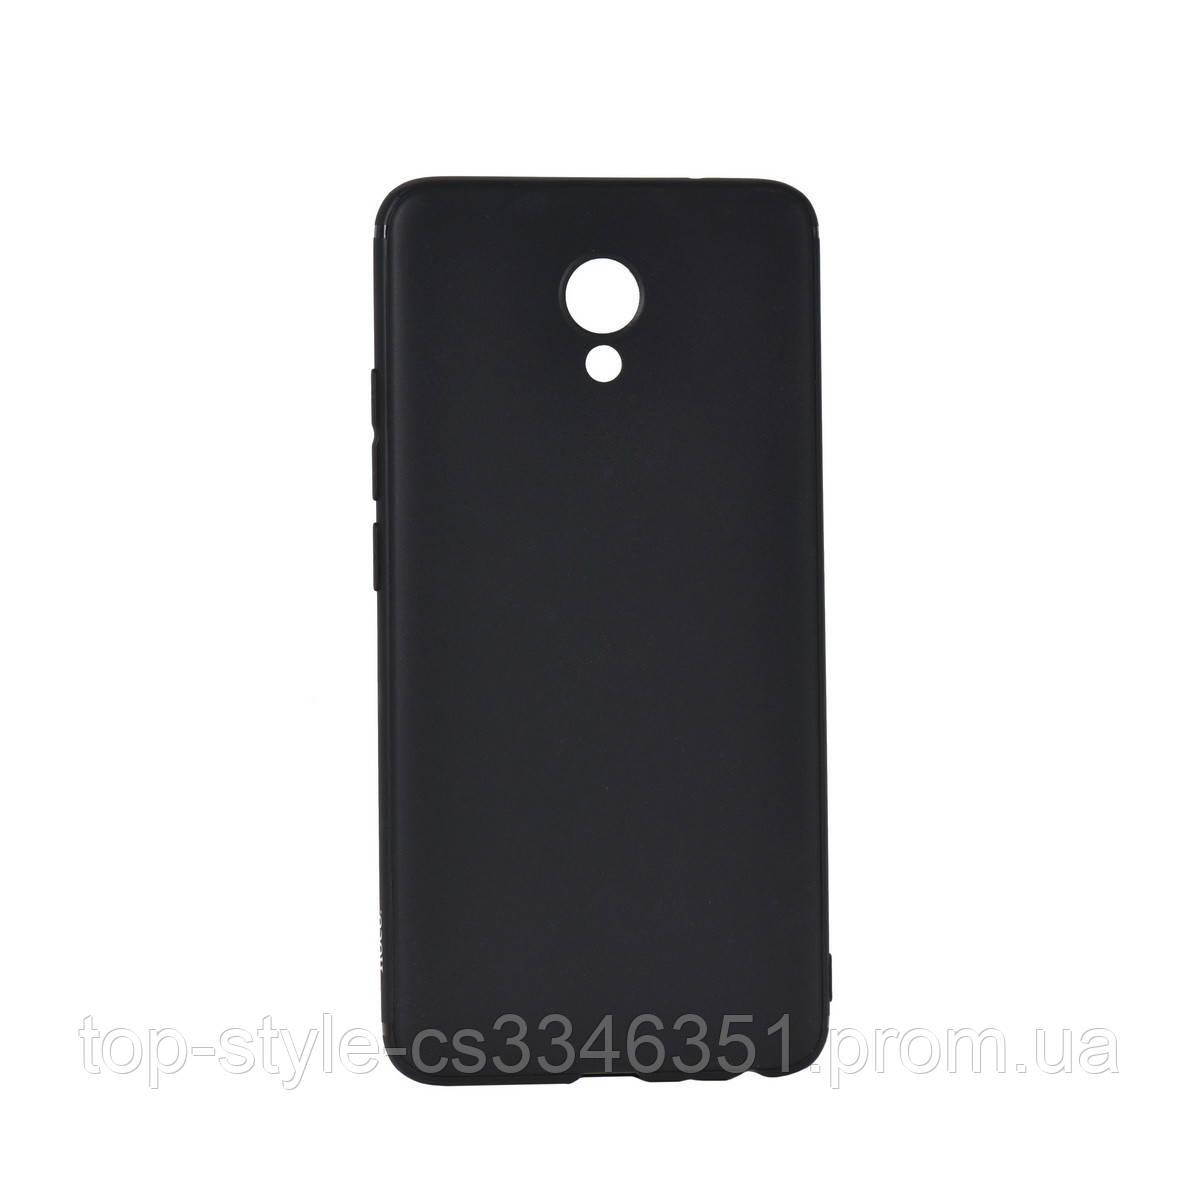 Силиконовый чехол Hoco Fascination Black для Meizu M5 Note Black